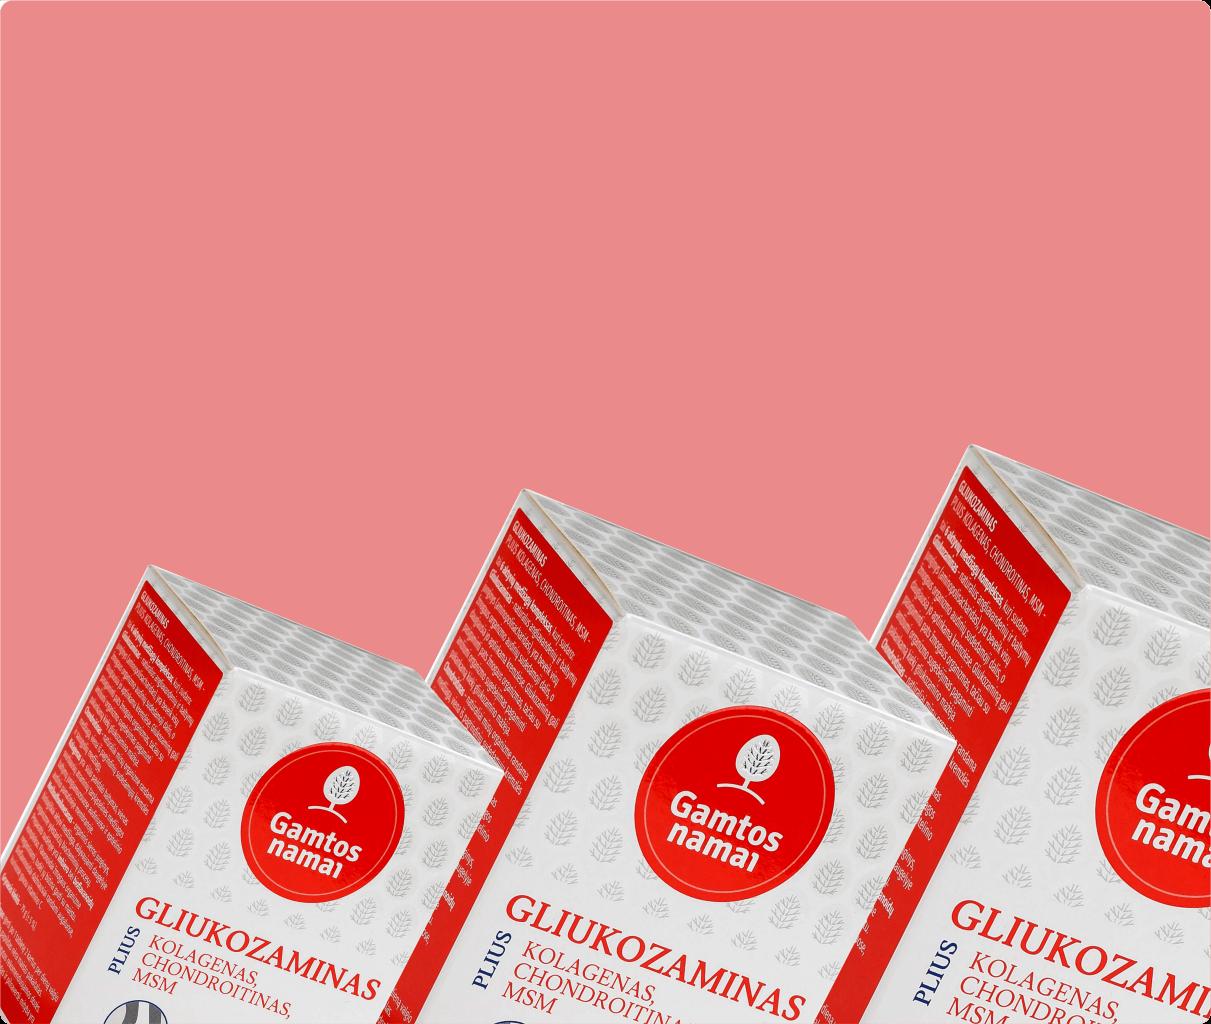 Vitaminai ir maisto papildai SĄNARIAMS GLIUKOZAMINAS CHONDROITINAS MSM KOLOGENAS akcija pigiau -40%